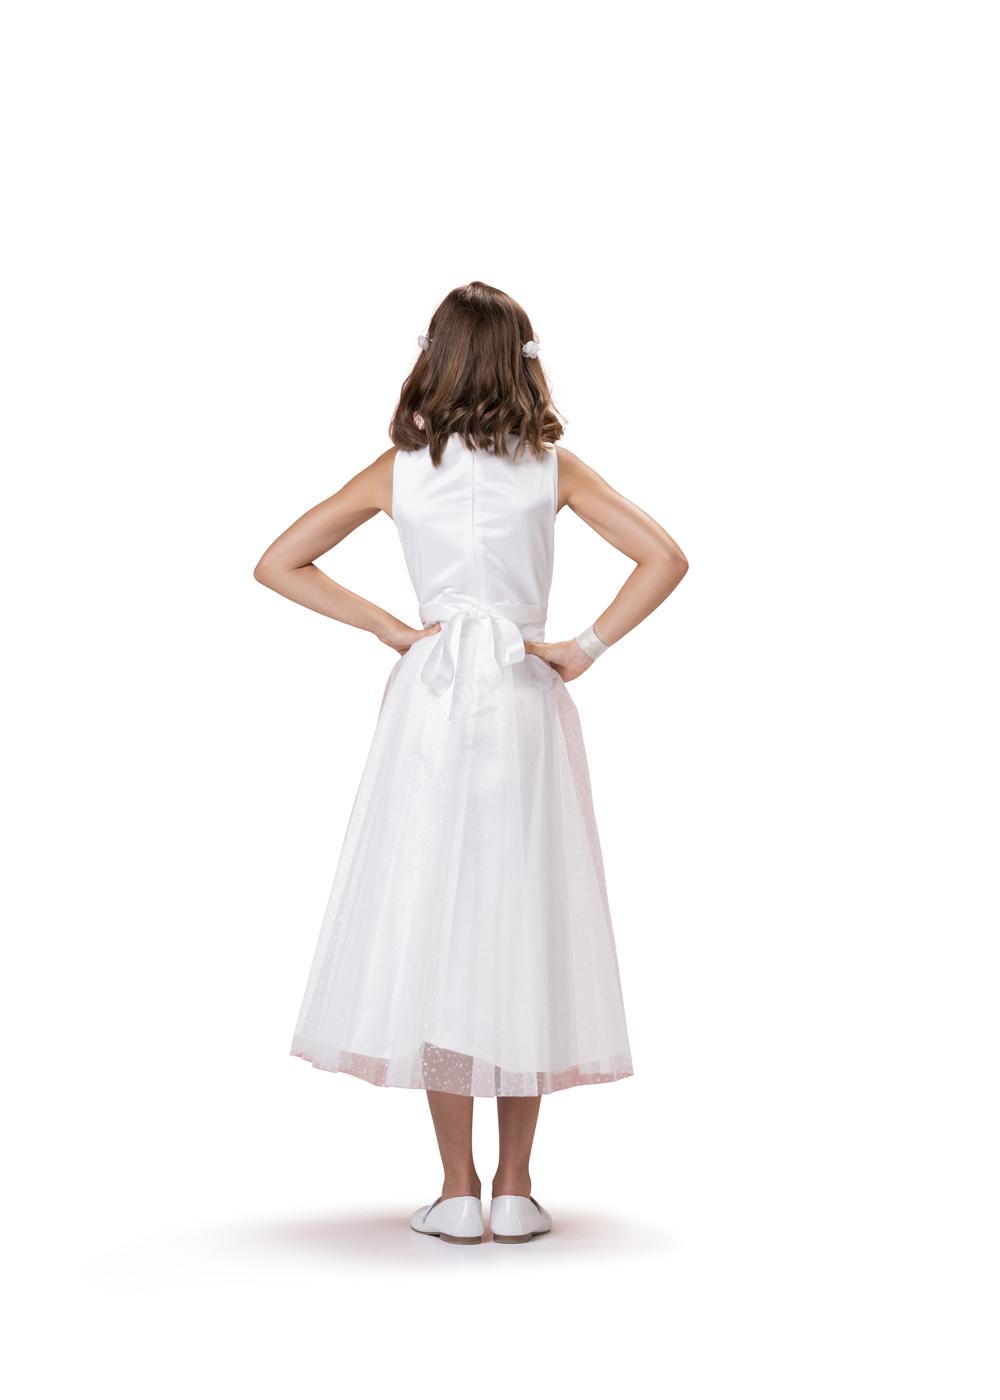 Kommunionkleid von Biancorella - Modell 554910. Modernes Prinzessinnenkleid mit Tüllrock schlichtem Oberteil. Rückenansicht.